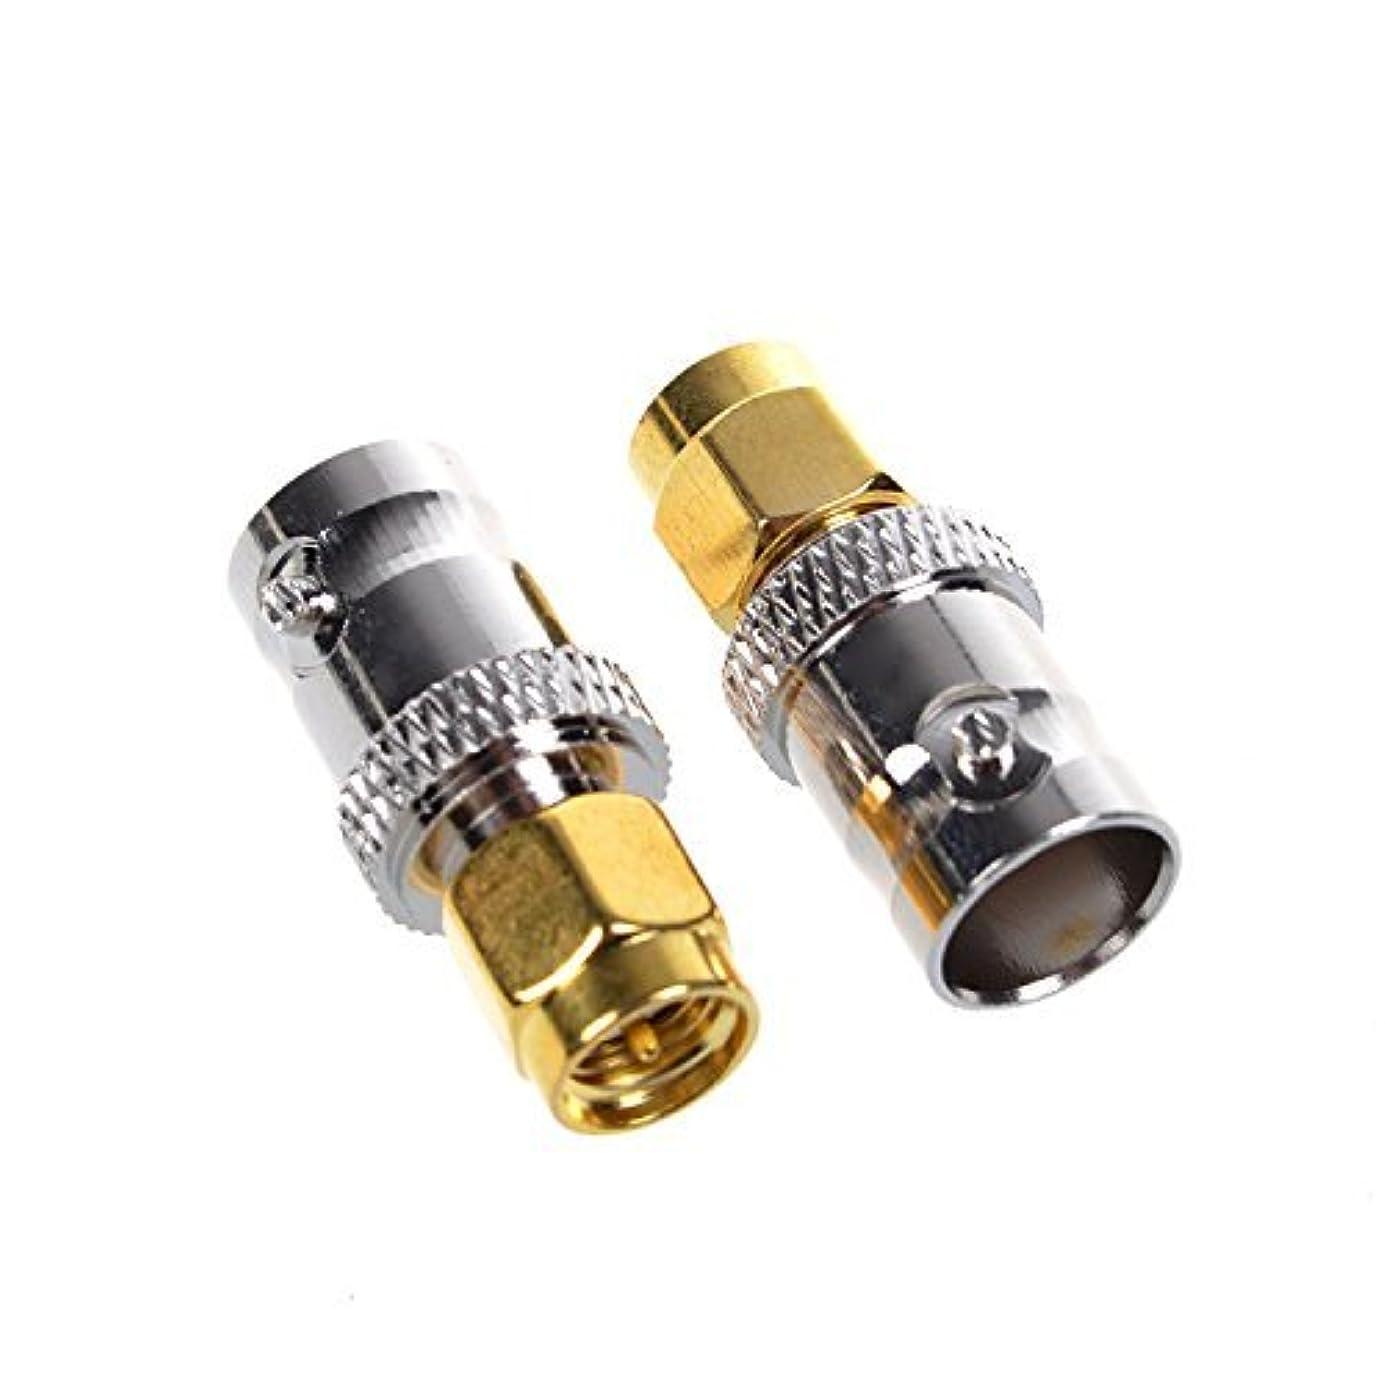 ボーナスフローティング大いにSMA Male to BNC Female RF Adapter (2) [並行輸入品]